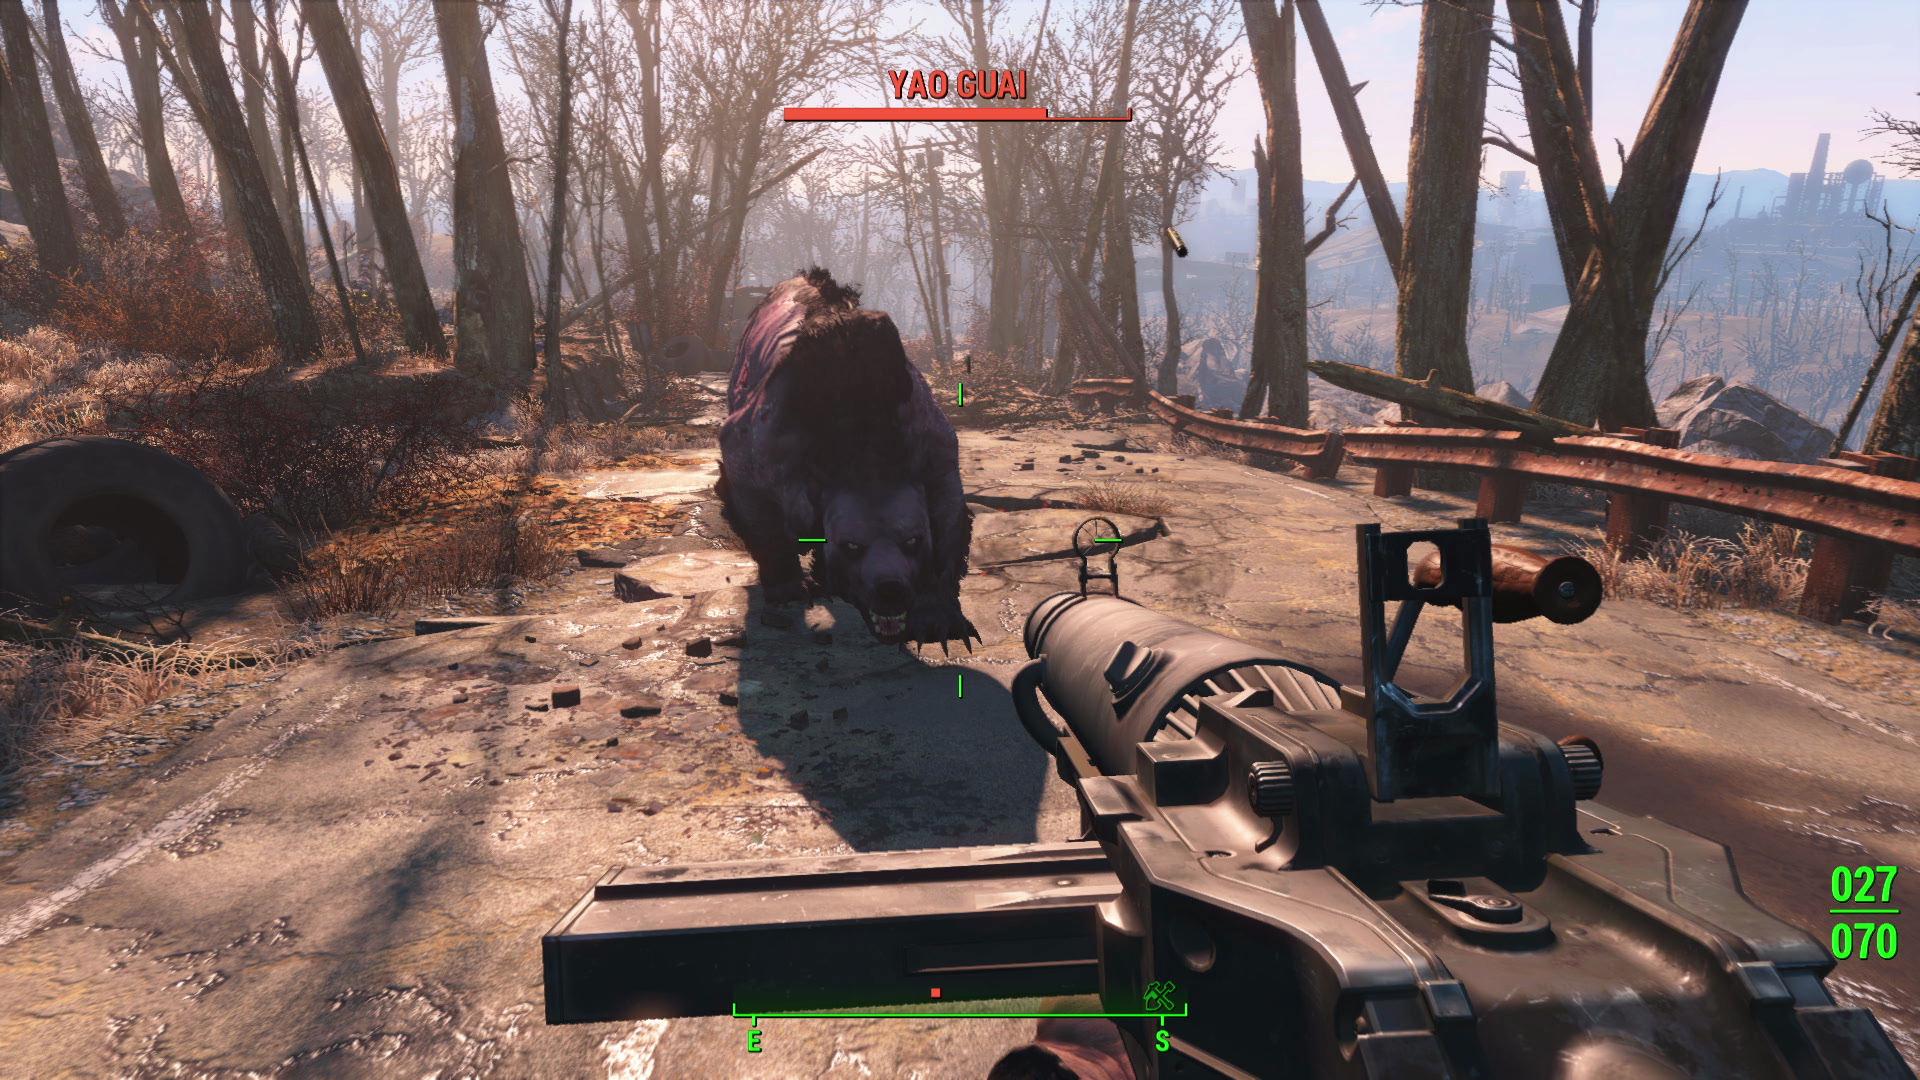 Fallout Yao Guai